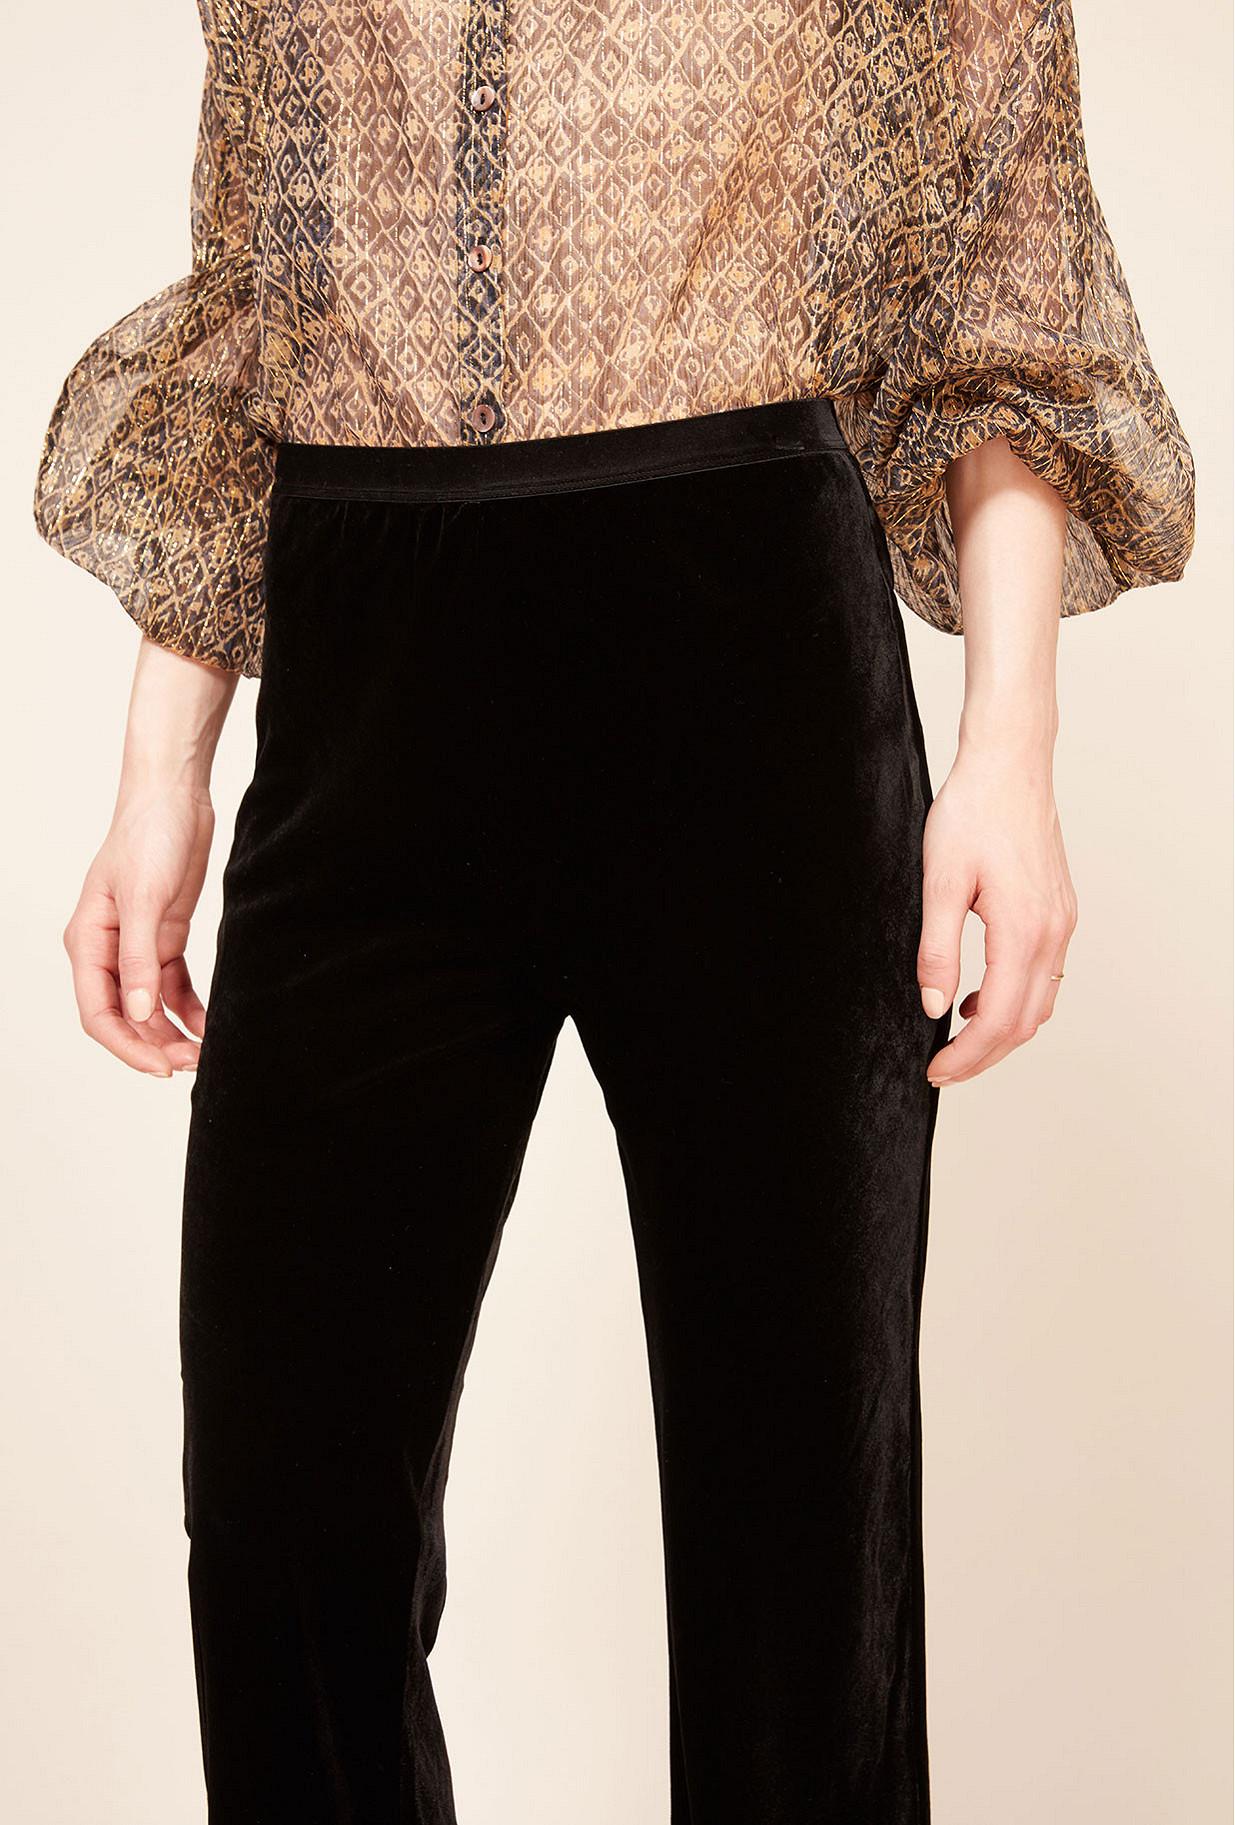 Paris clothes store pant  Monae french designer fashion Paris